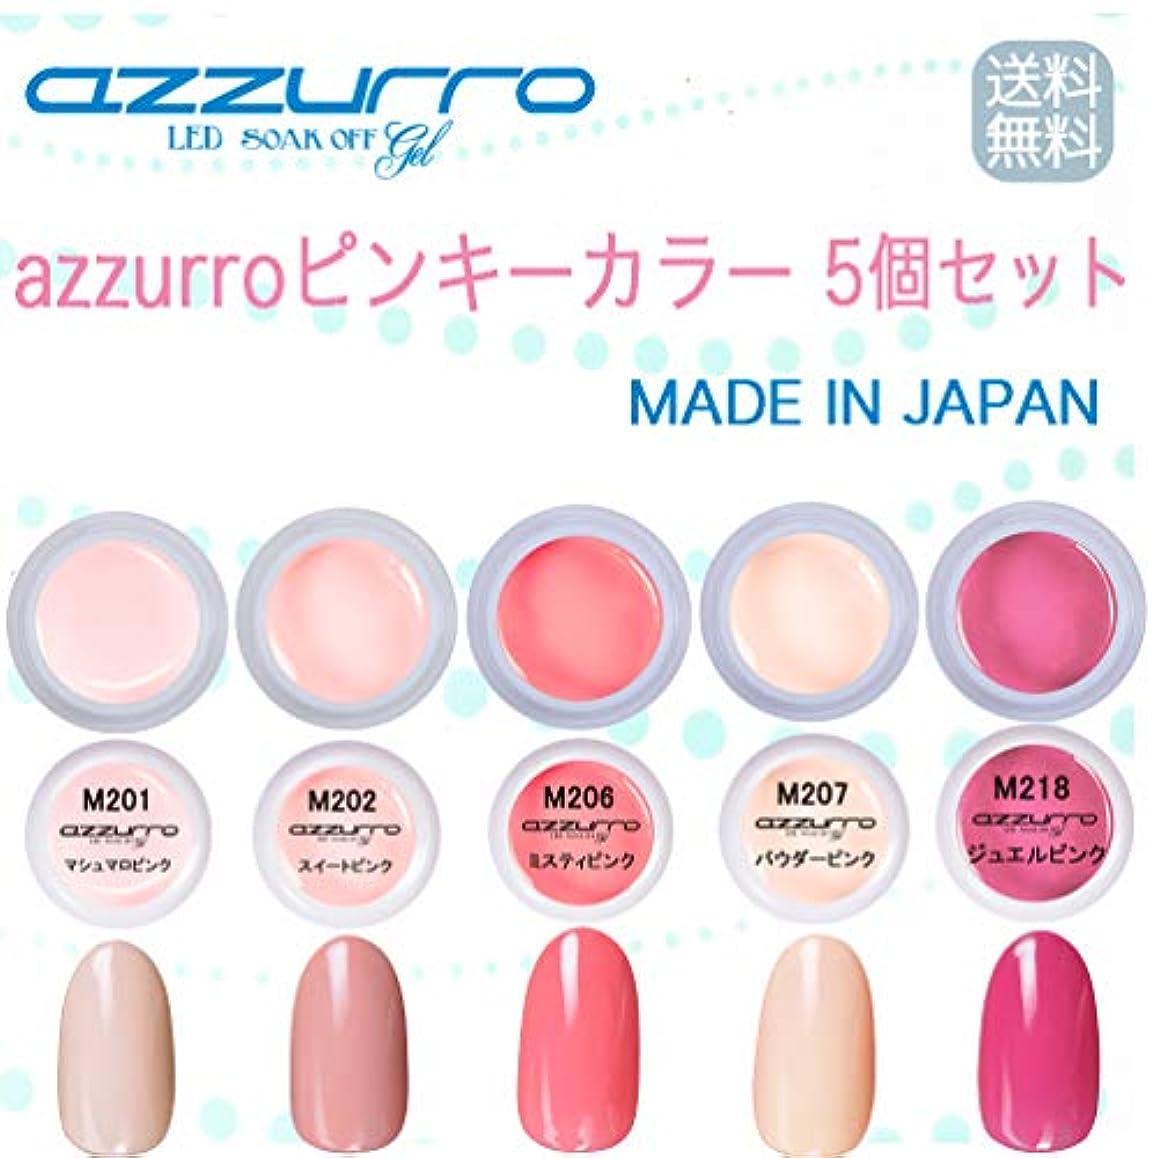 【送料無料】日本製 azzurro gel ピンキーカラー ジェル5個セット ネイルのマストアイテムピンキーカラー